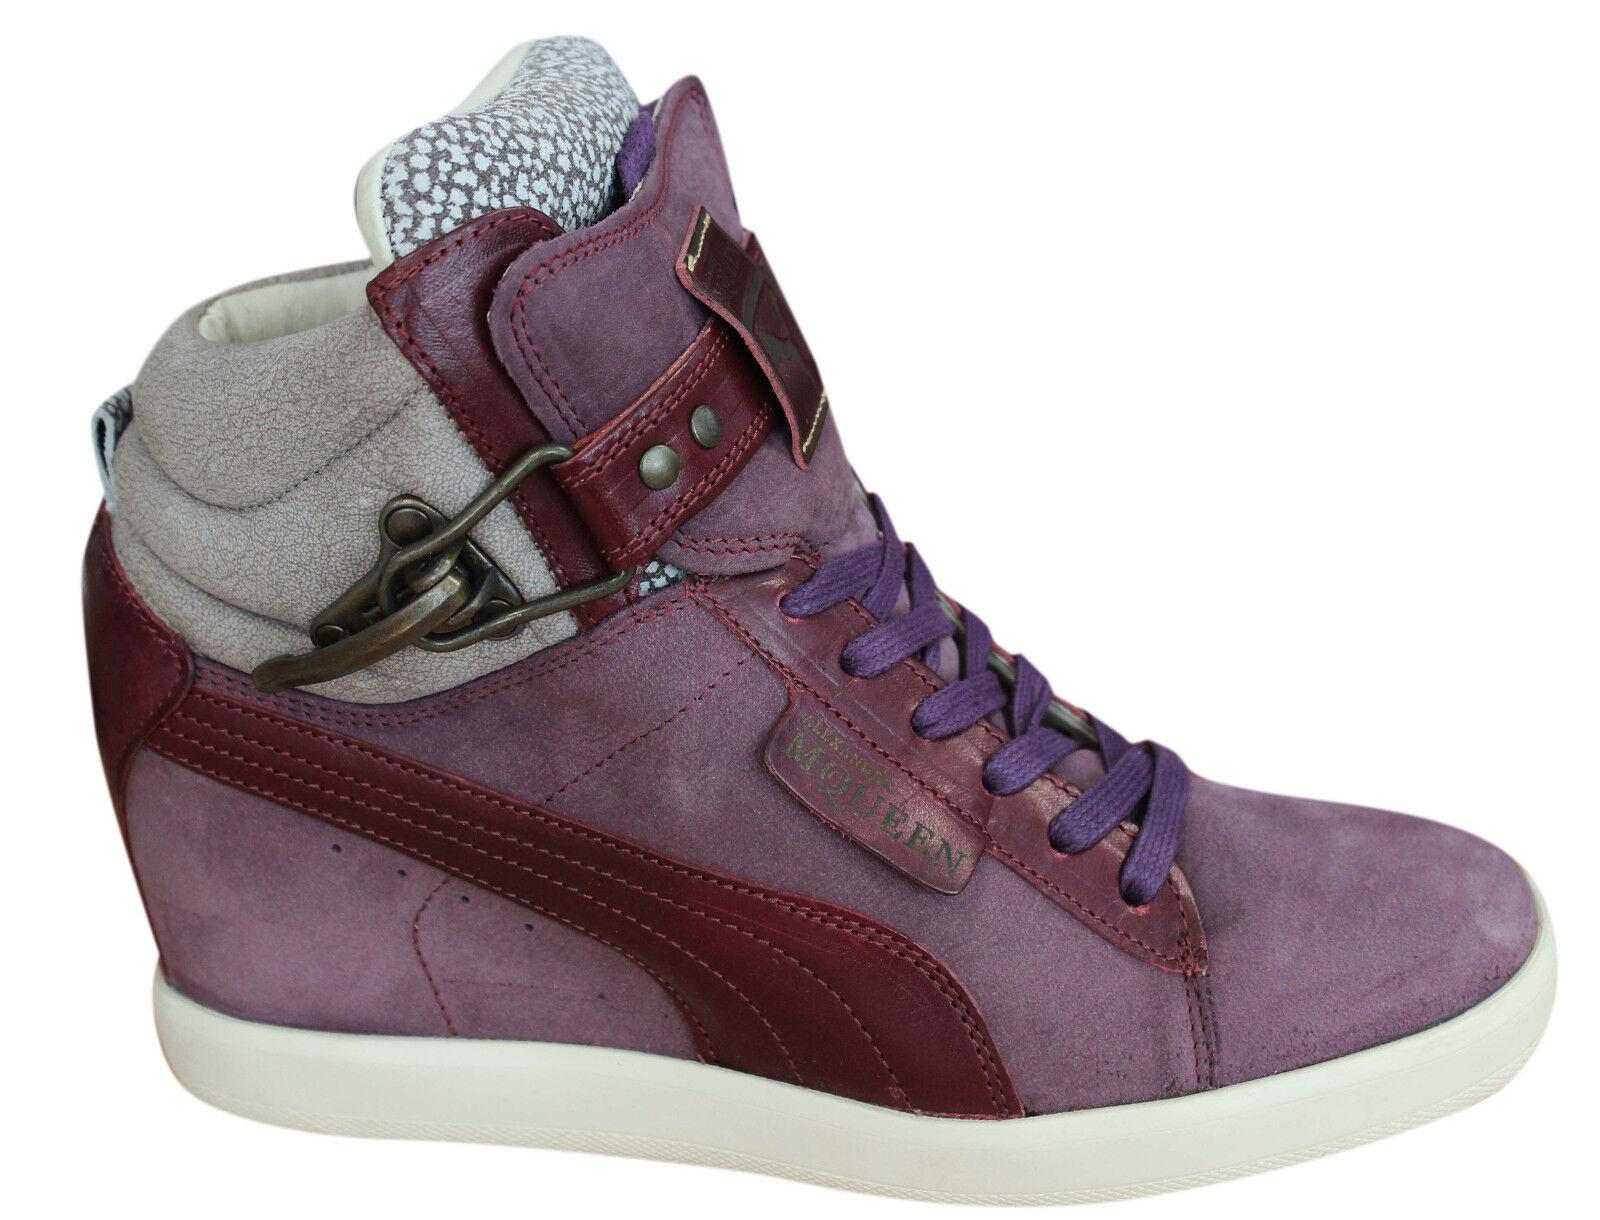 Détails sur Puma Alexander McQueen AMQ Joustesse Mid Wedge Chaussures Femme Baskets 355397 02 U54 afficher le titre d'origine